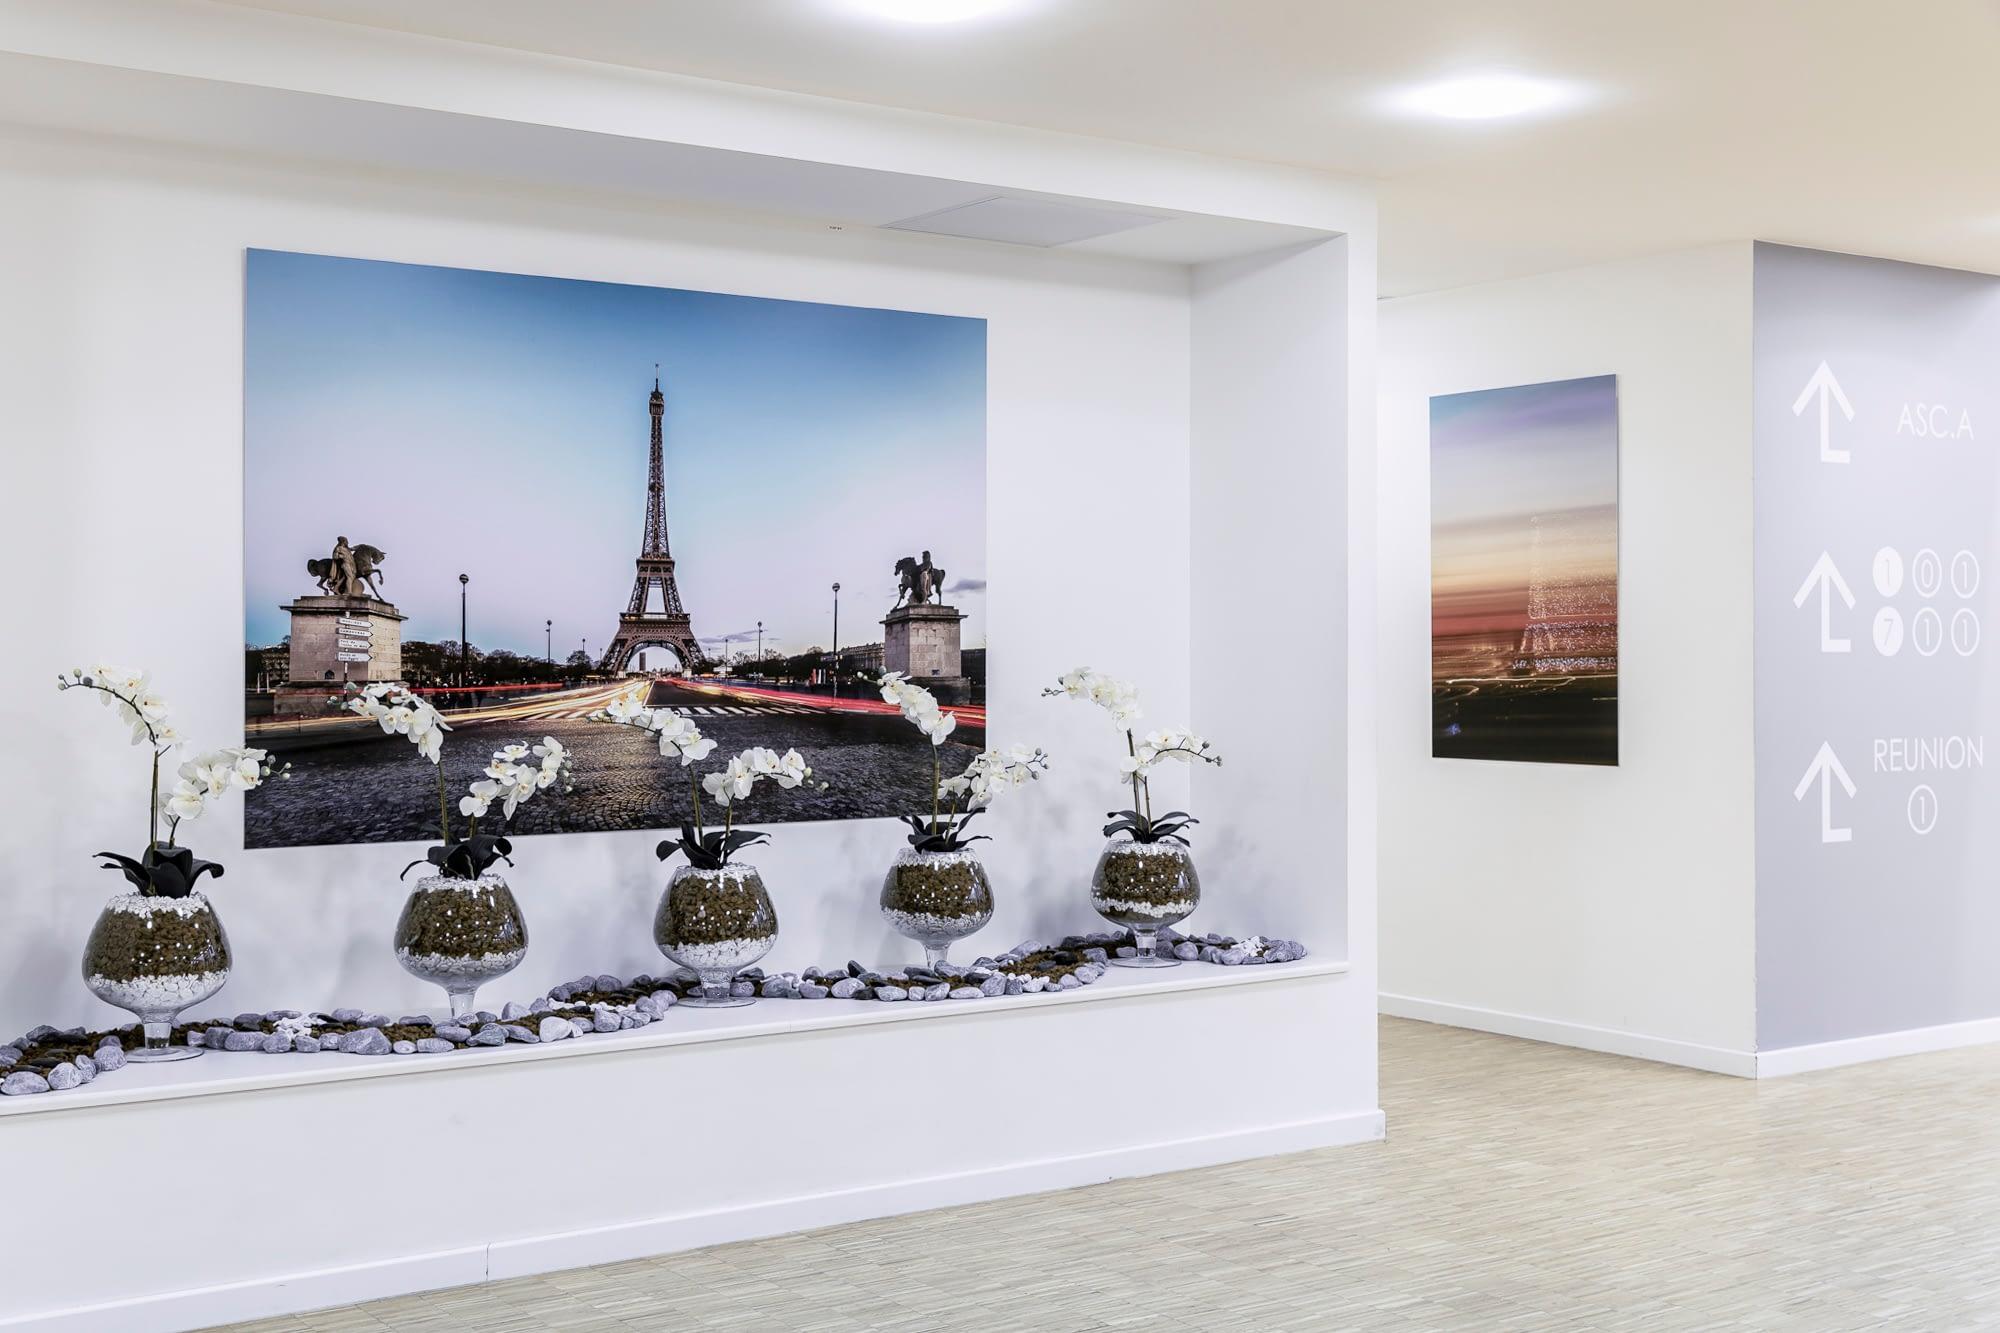 Vente et installation de photographies d'art Pixopolitan pour la résidence hôtelière Saint Ouen